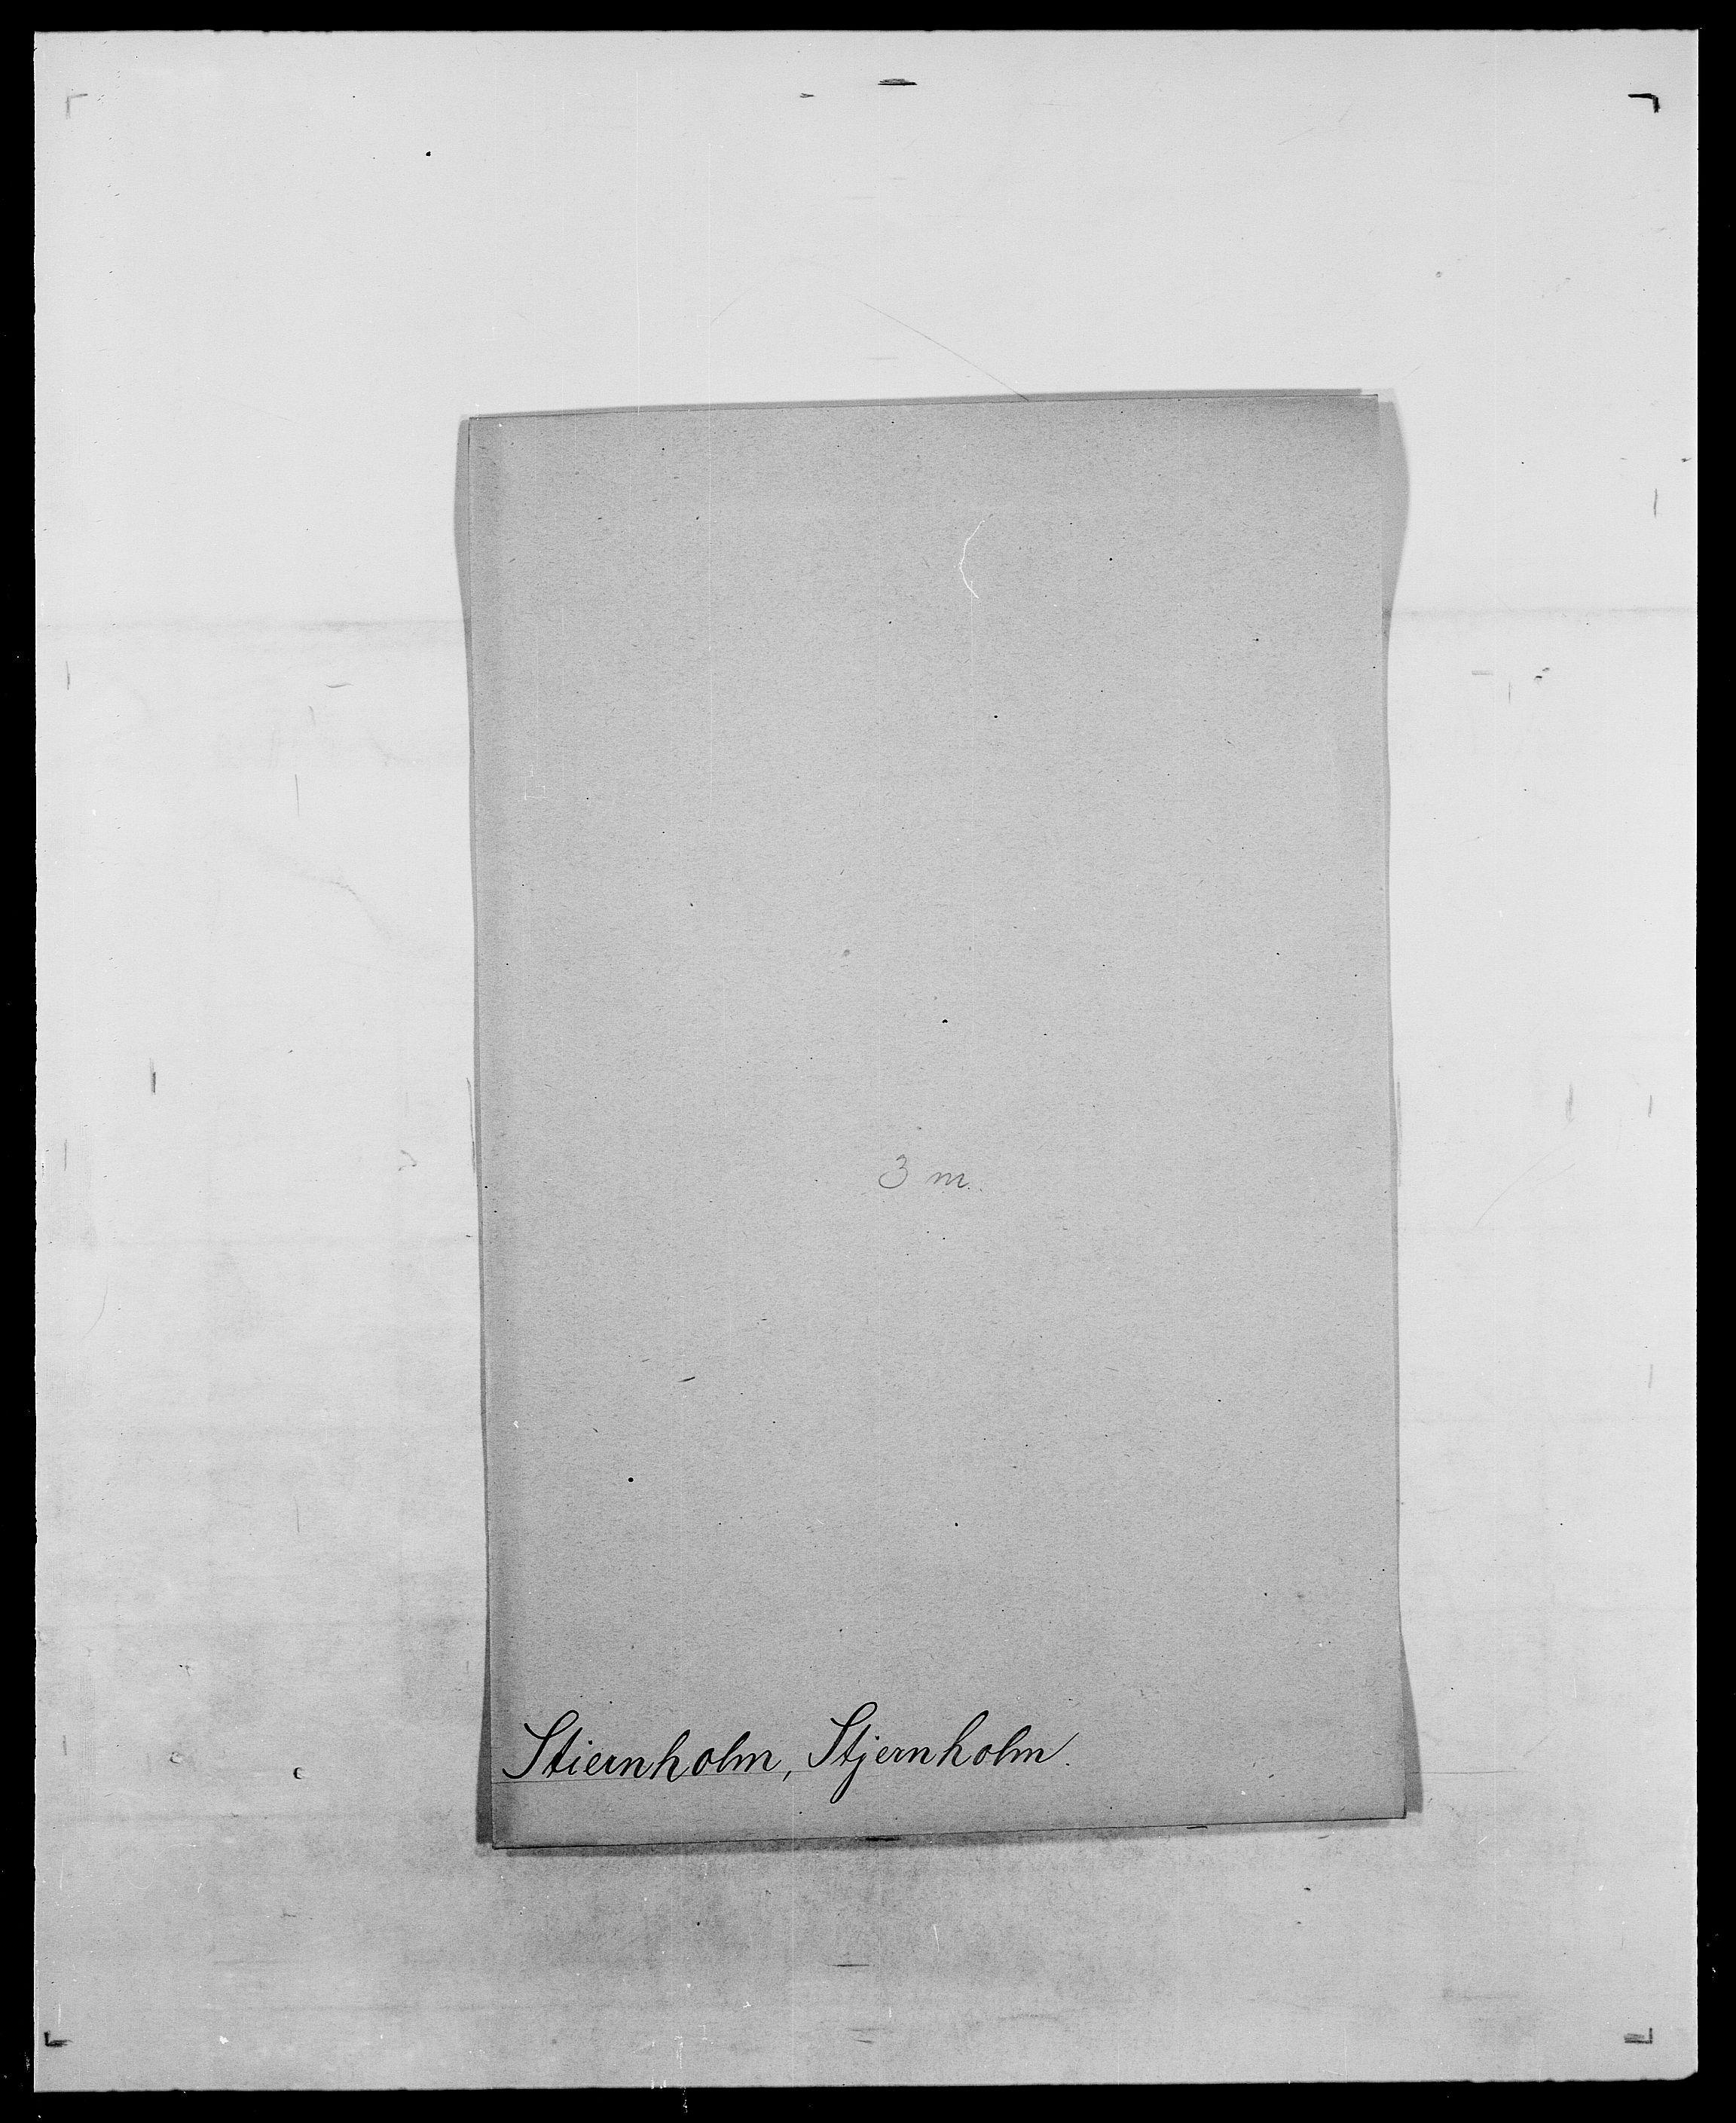 SAO, Delgobe, Charles Antoine - samling, D/Da/L0037: Steen, Sthen, Stein - Svare, Svanige, Svanne, se også Svanning og Schwane, s. 381